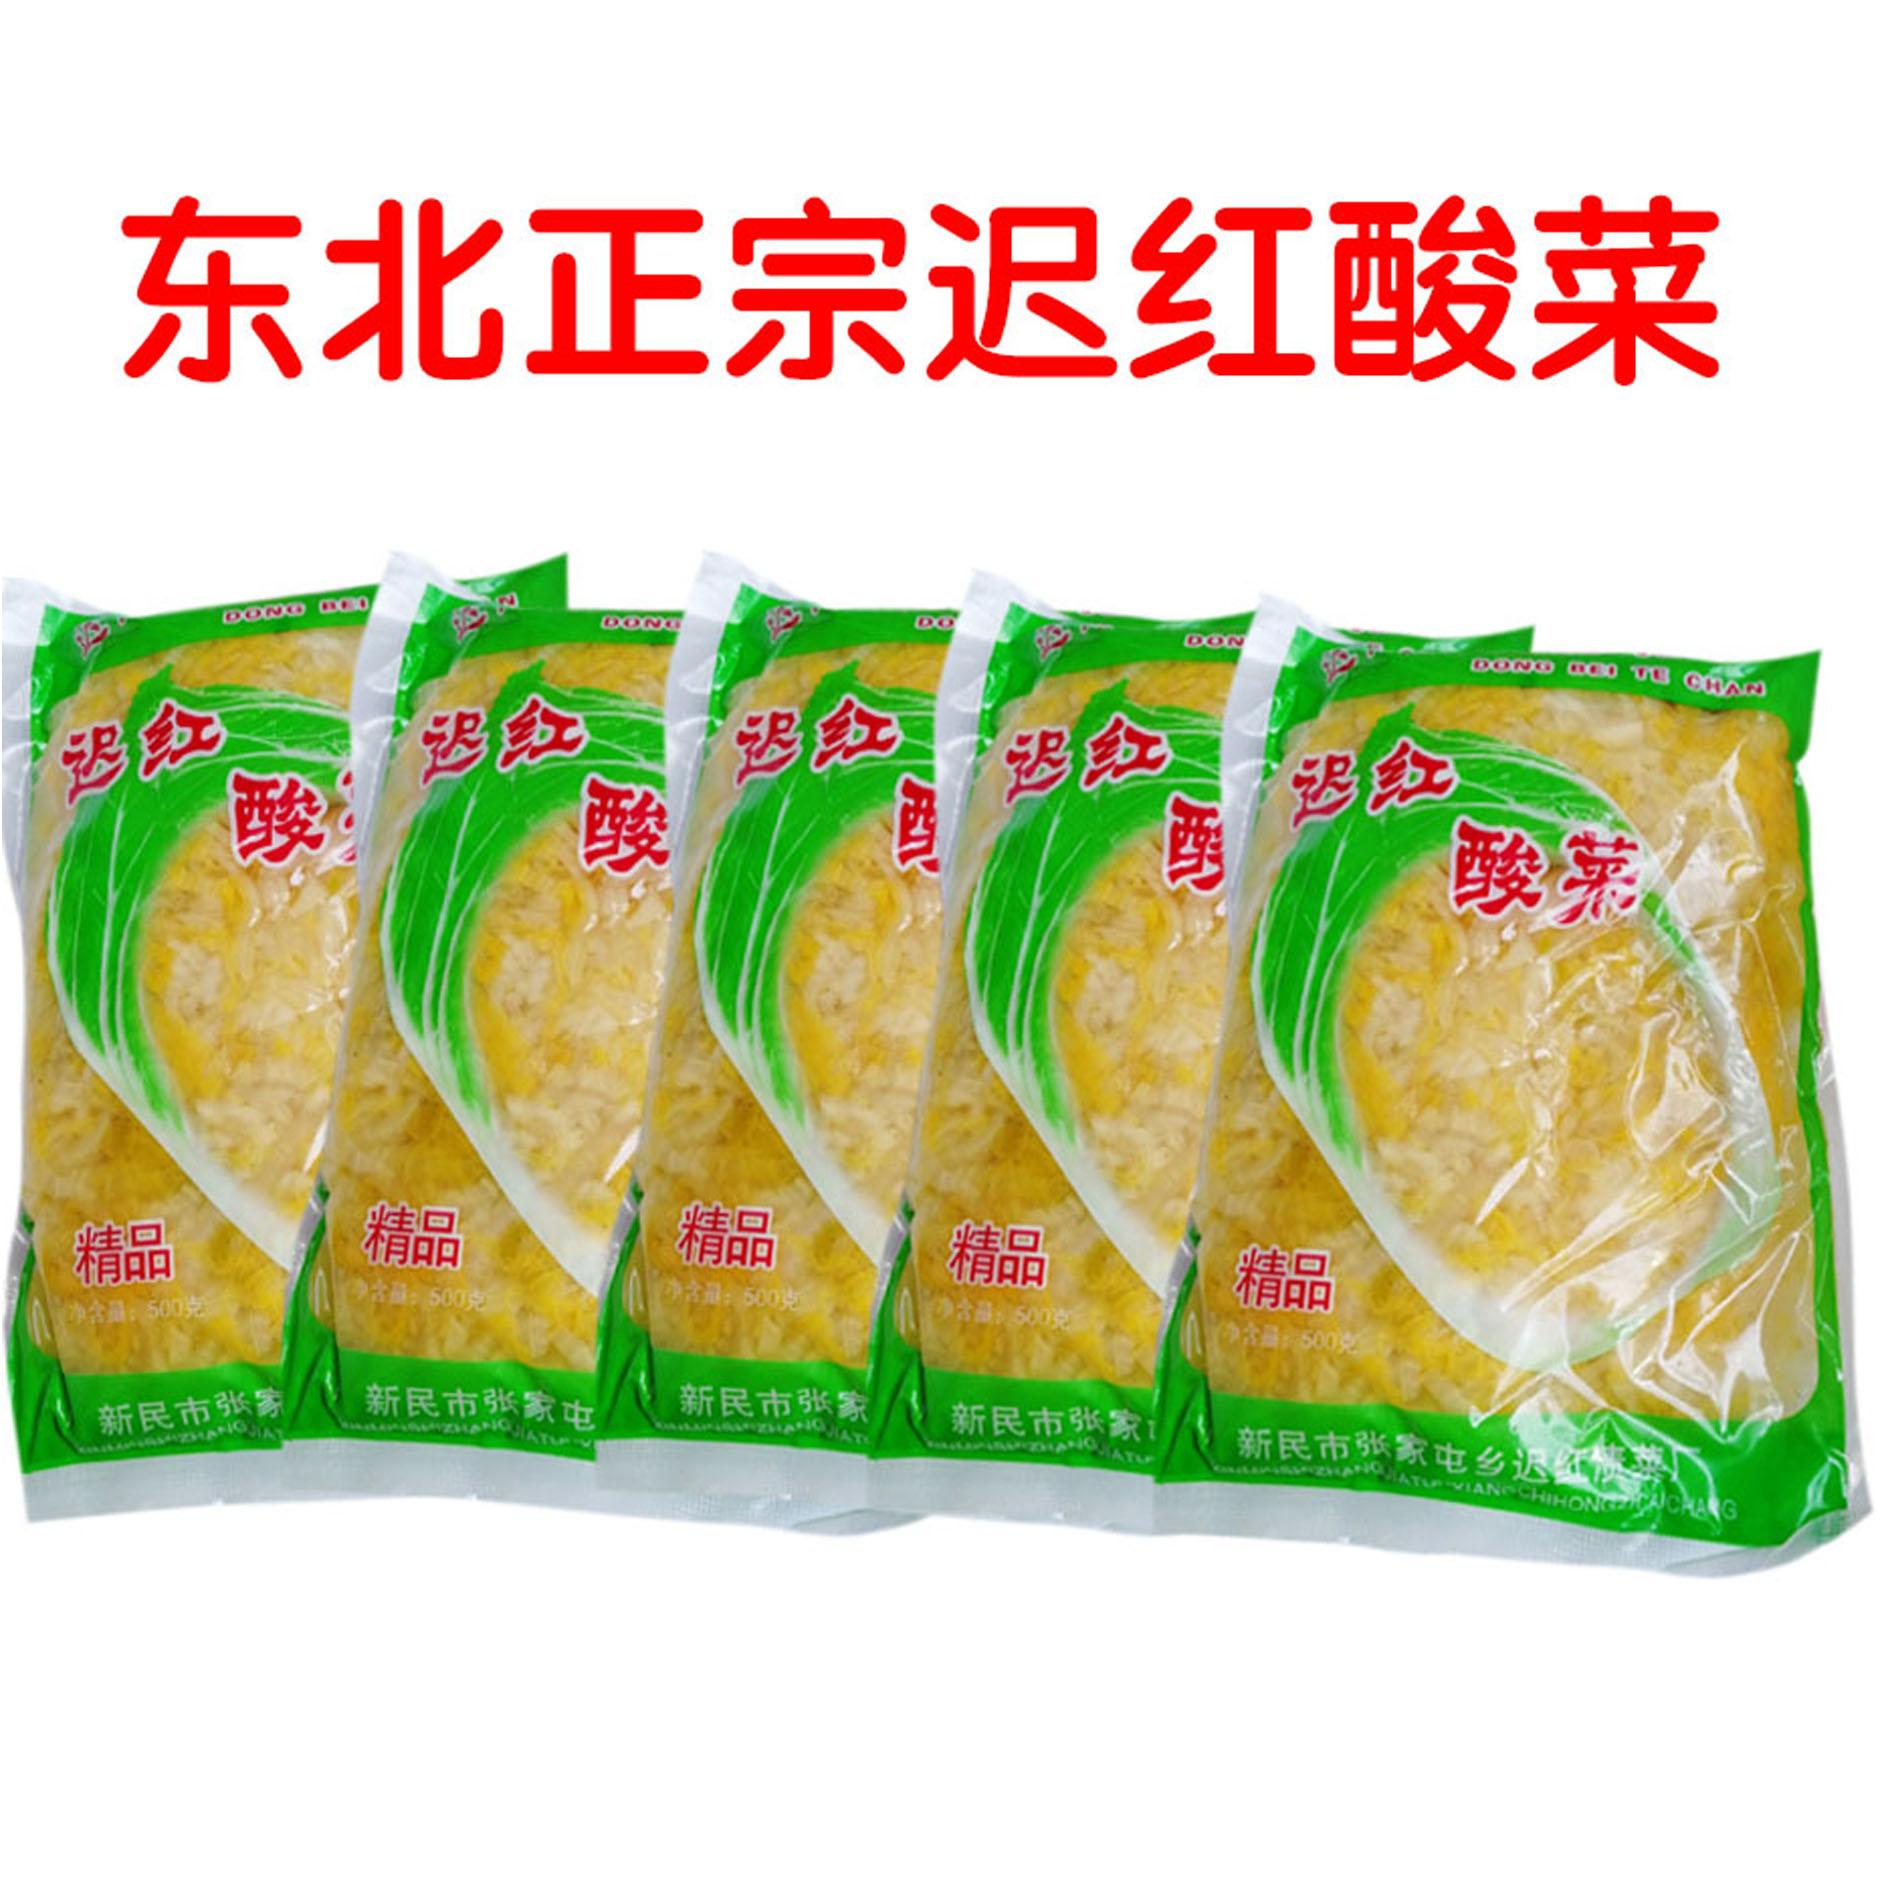 东北特产正宗酸菜迟红酸菜丝大白菜腌制农家大缸500克X5袋袋包邮